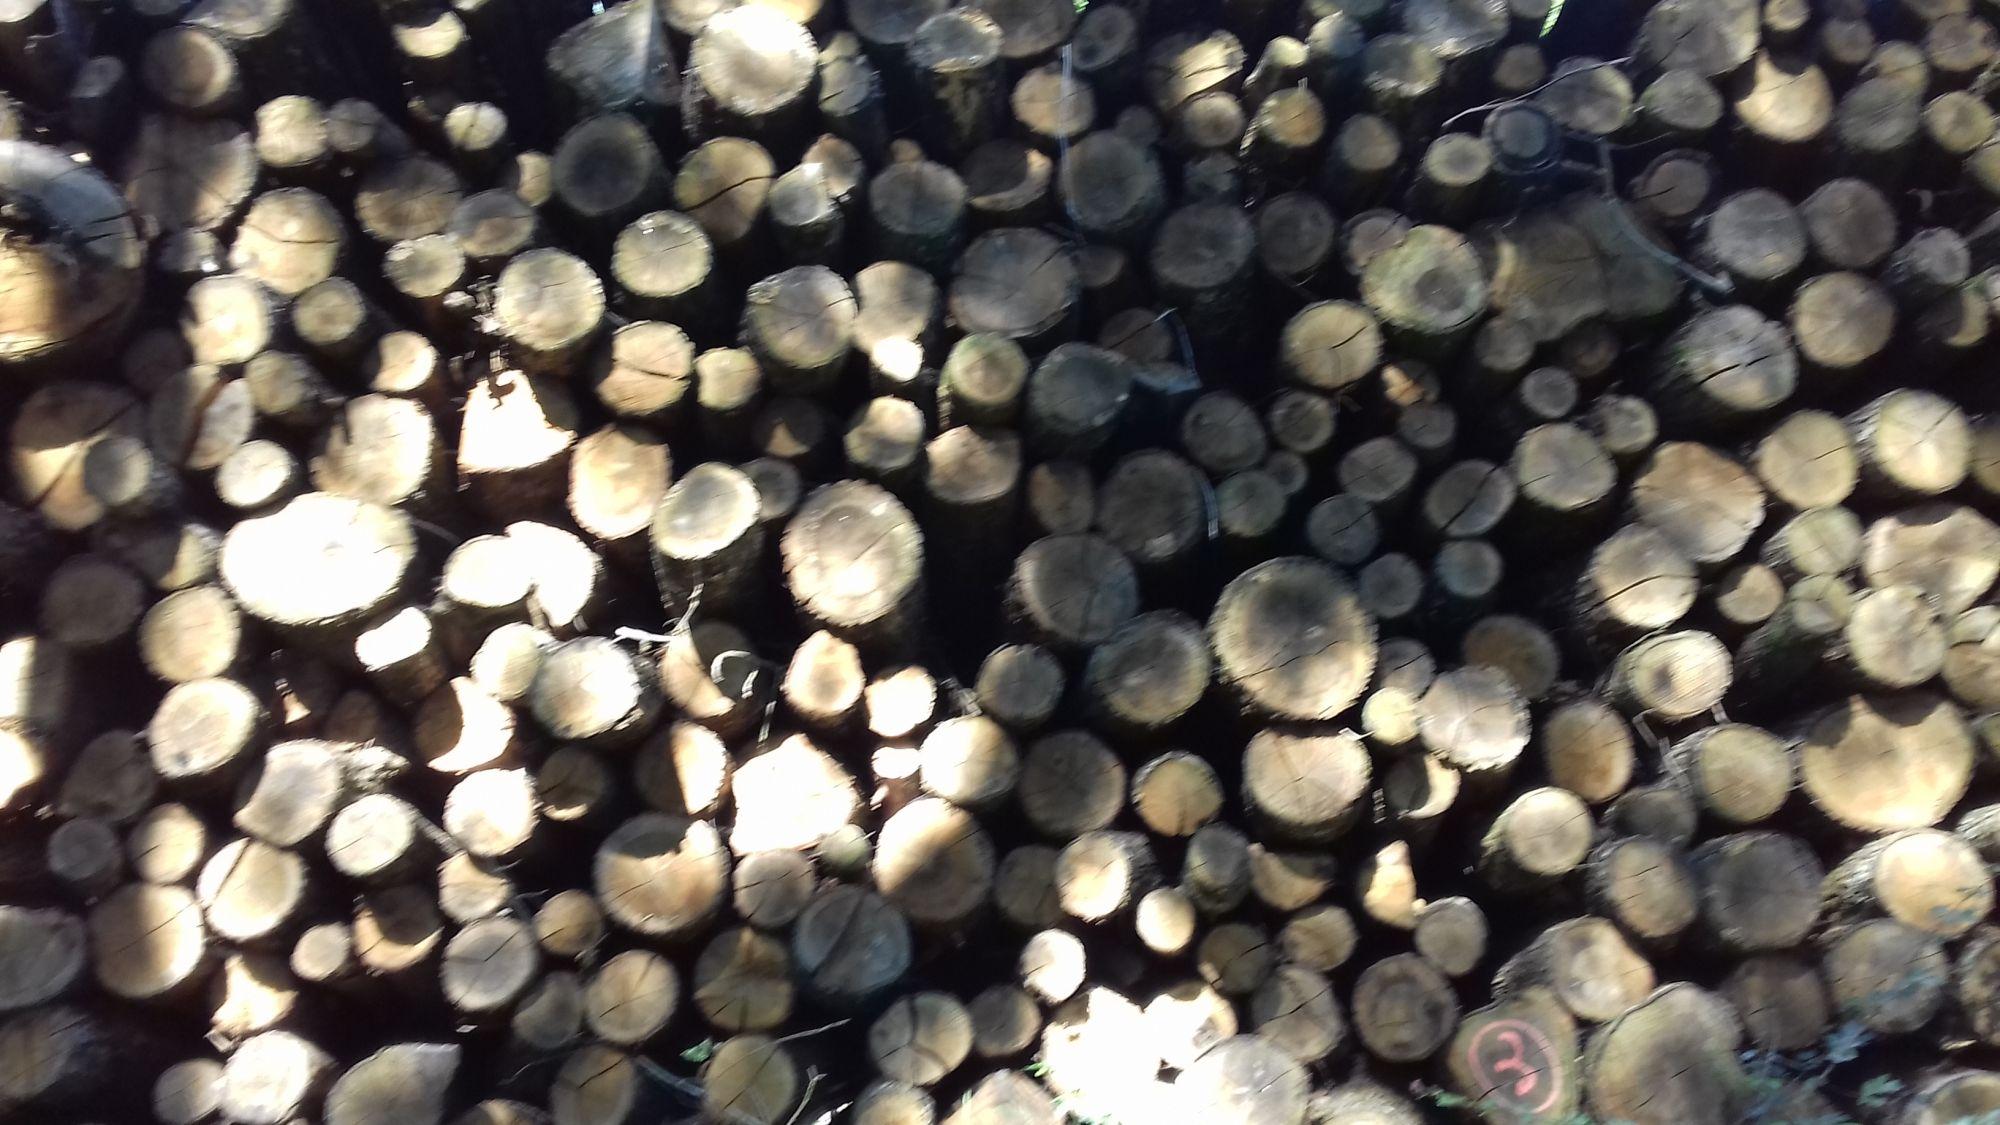 bois de chauffage 08site internet pour revendeur de combustible bois dans les Ardennes